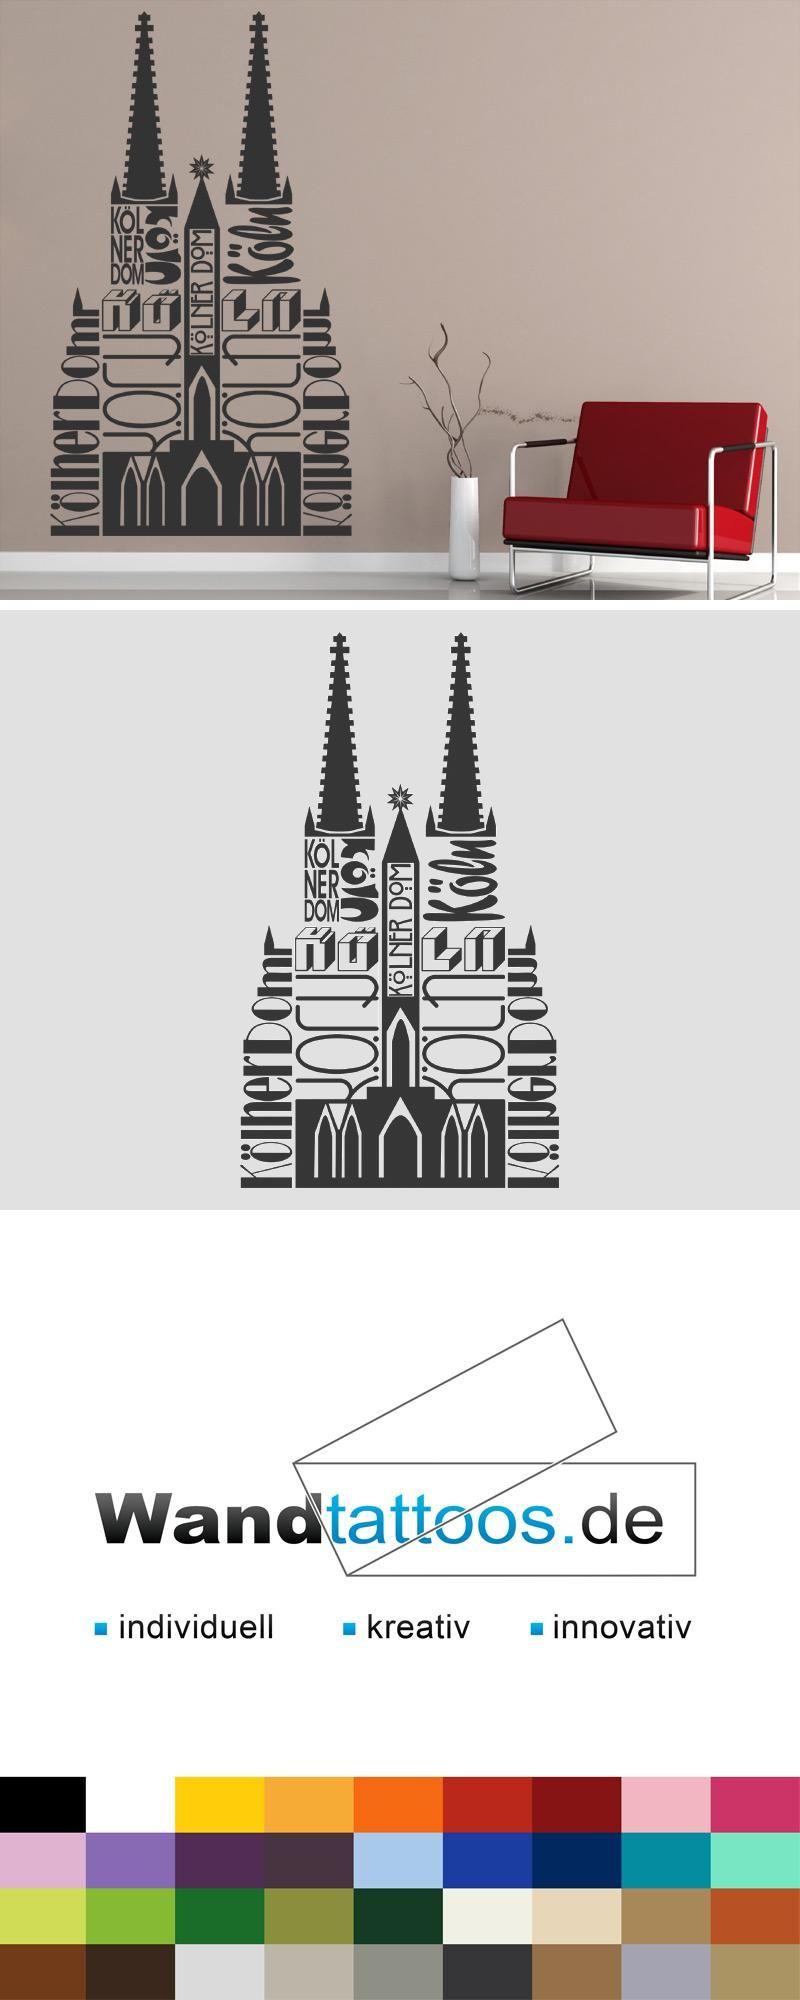 Anspruchsvoll Wandtattoo Köln Ideen Von Kölner Dom Als Idee Zur Individuellen Wandgestaltung.